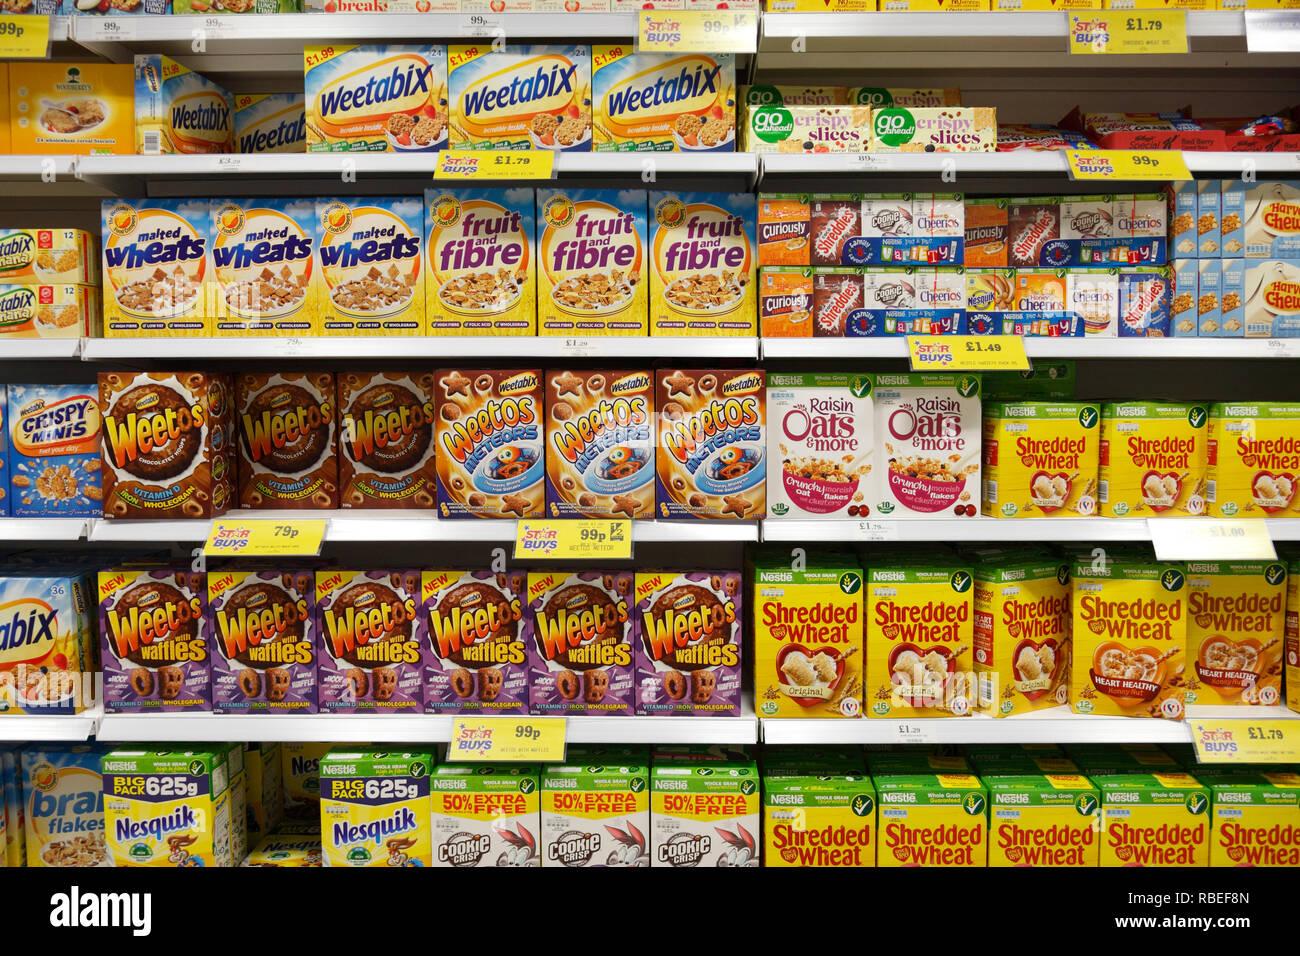 cereals shelf in a supermarket UK - Stock Image